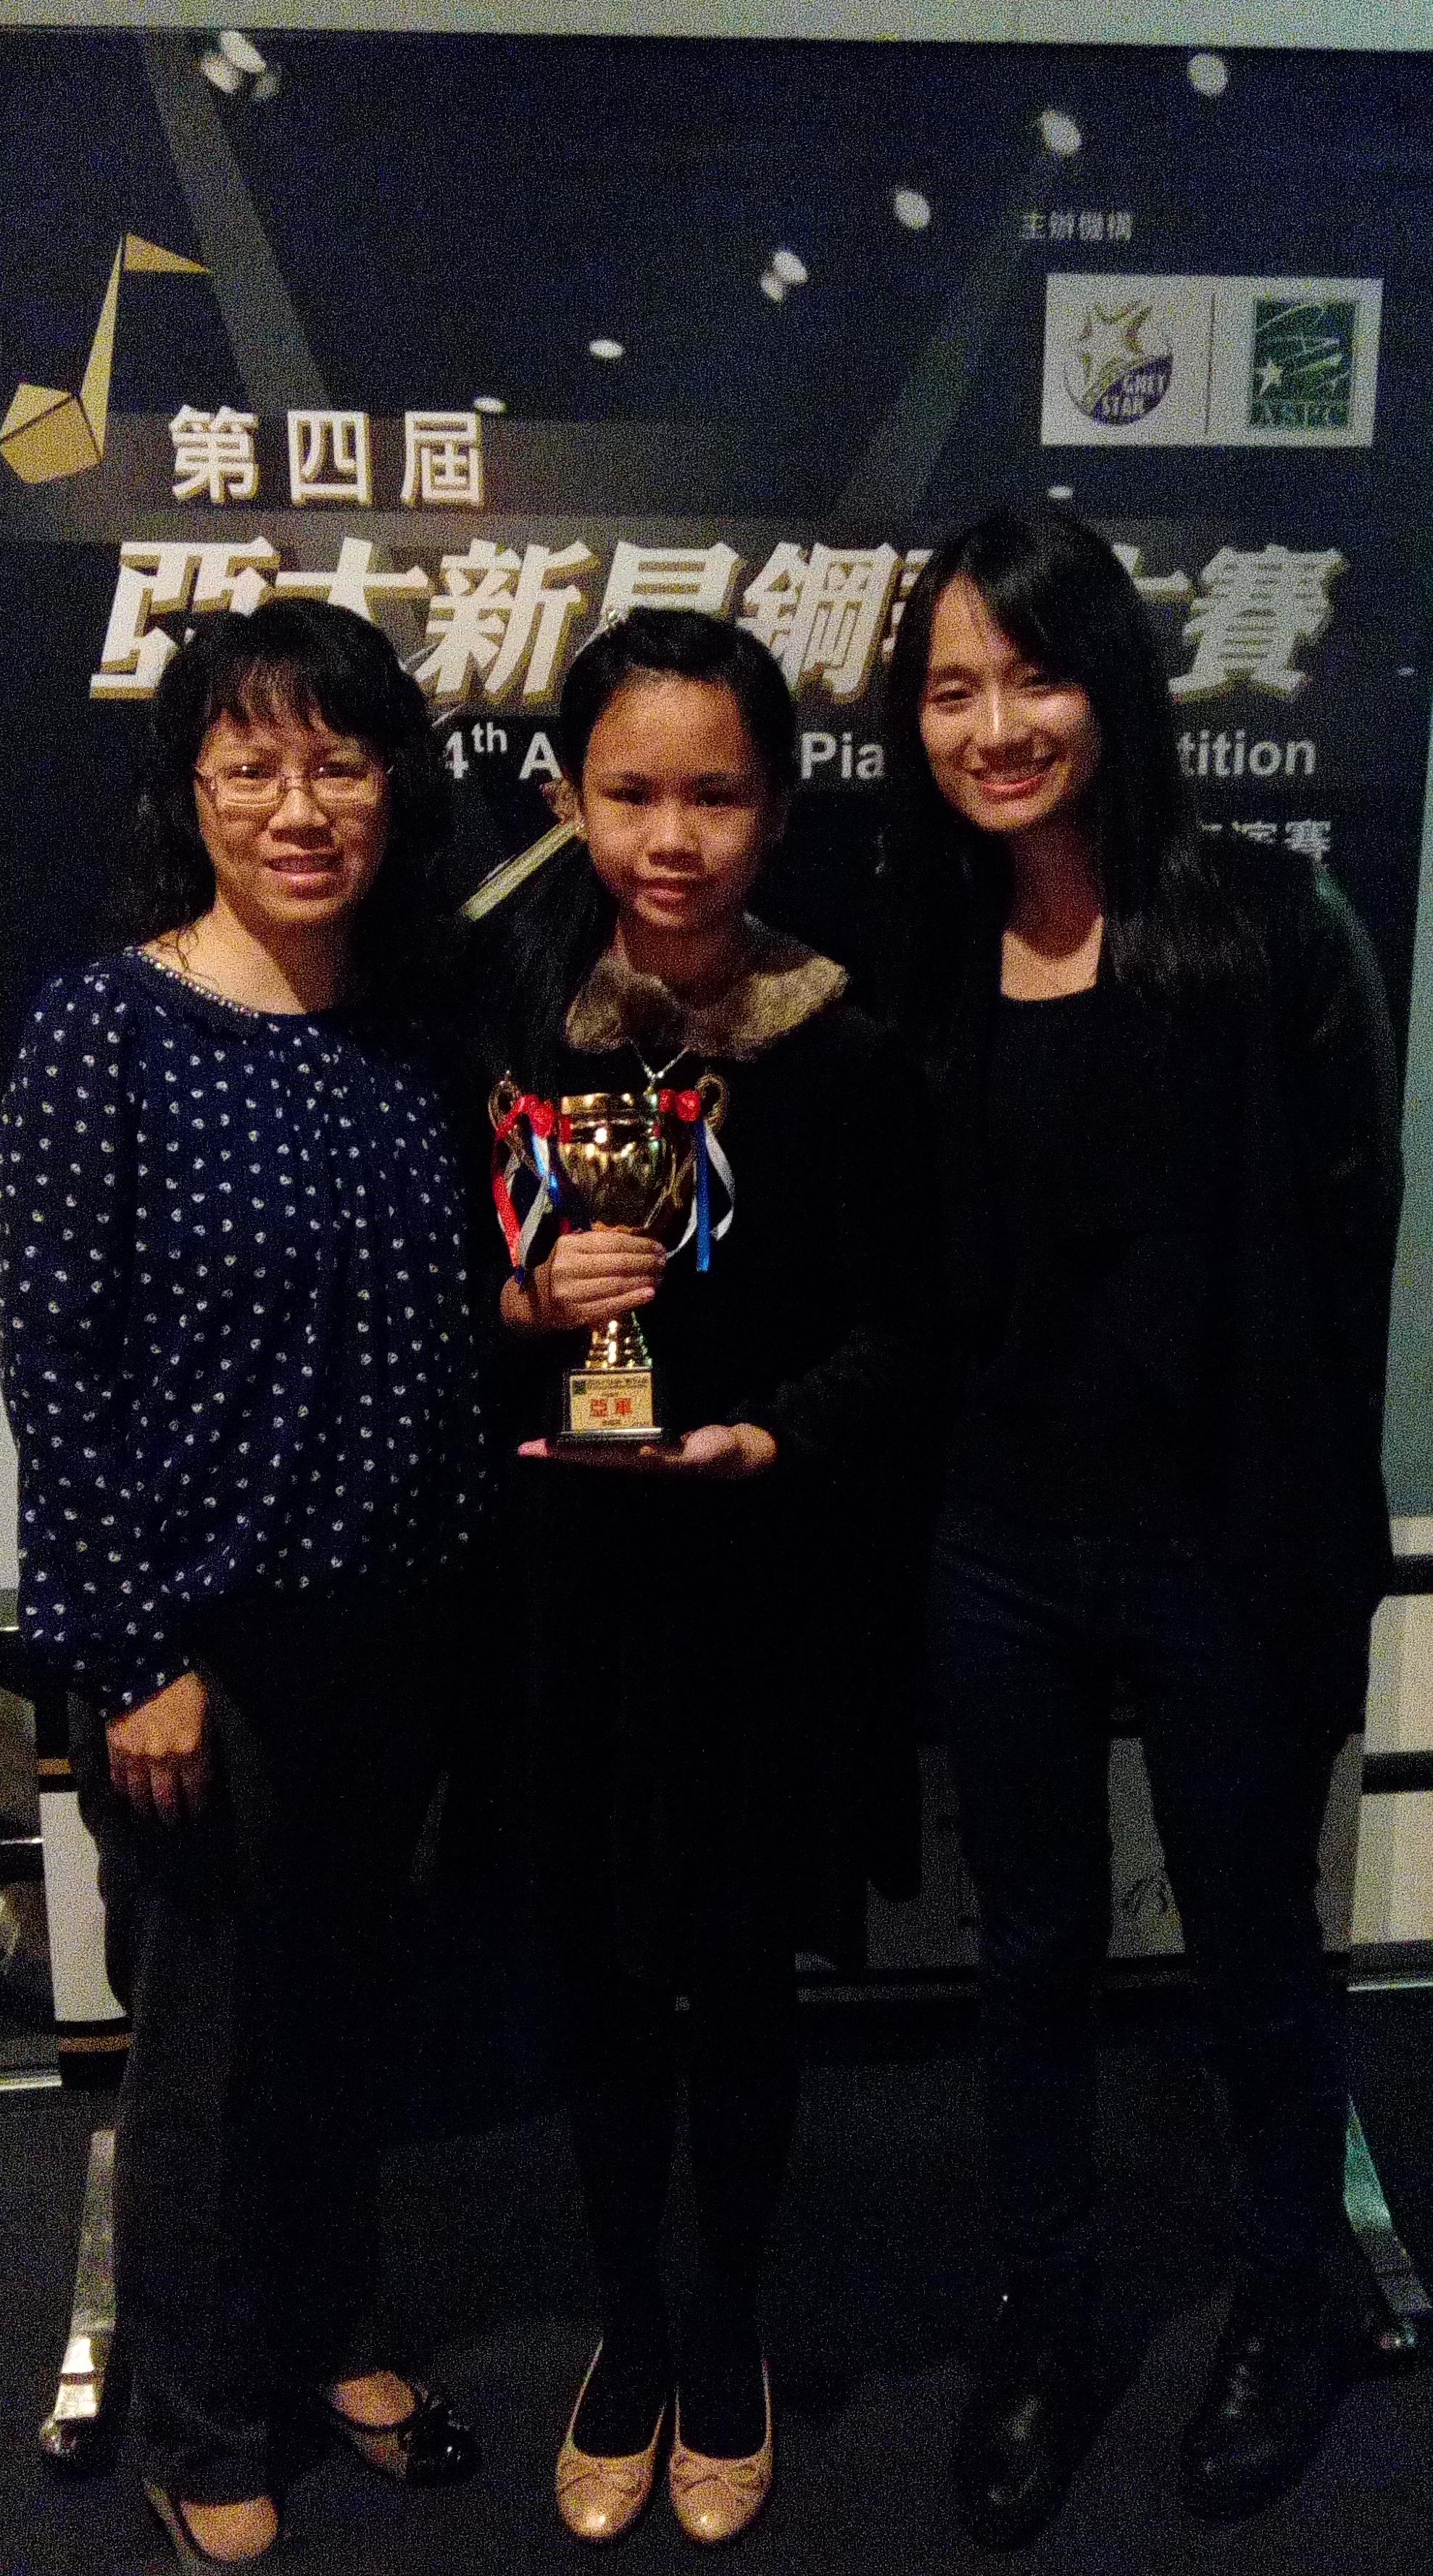 指導老師 Miss Wong與7級組鋼琴大賽亞軍得獎者李同學及其家長合照